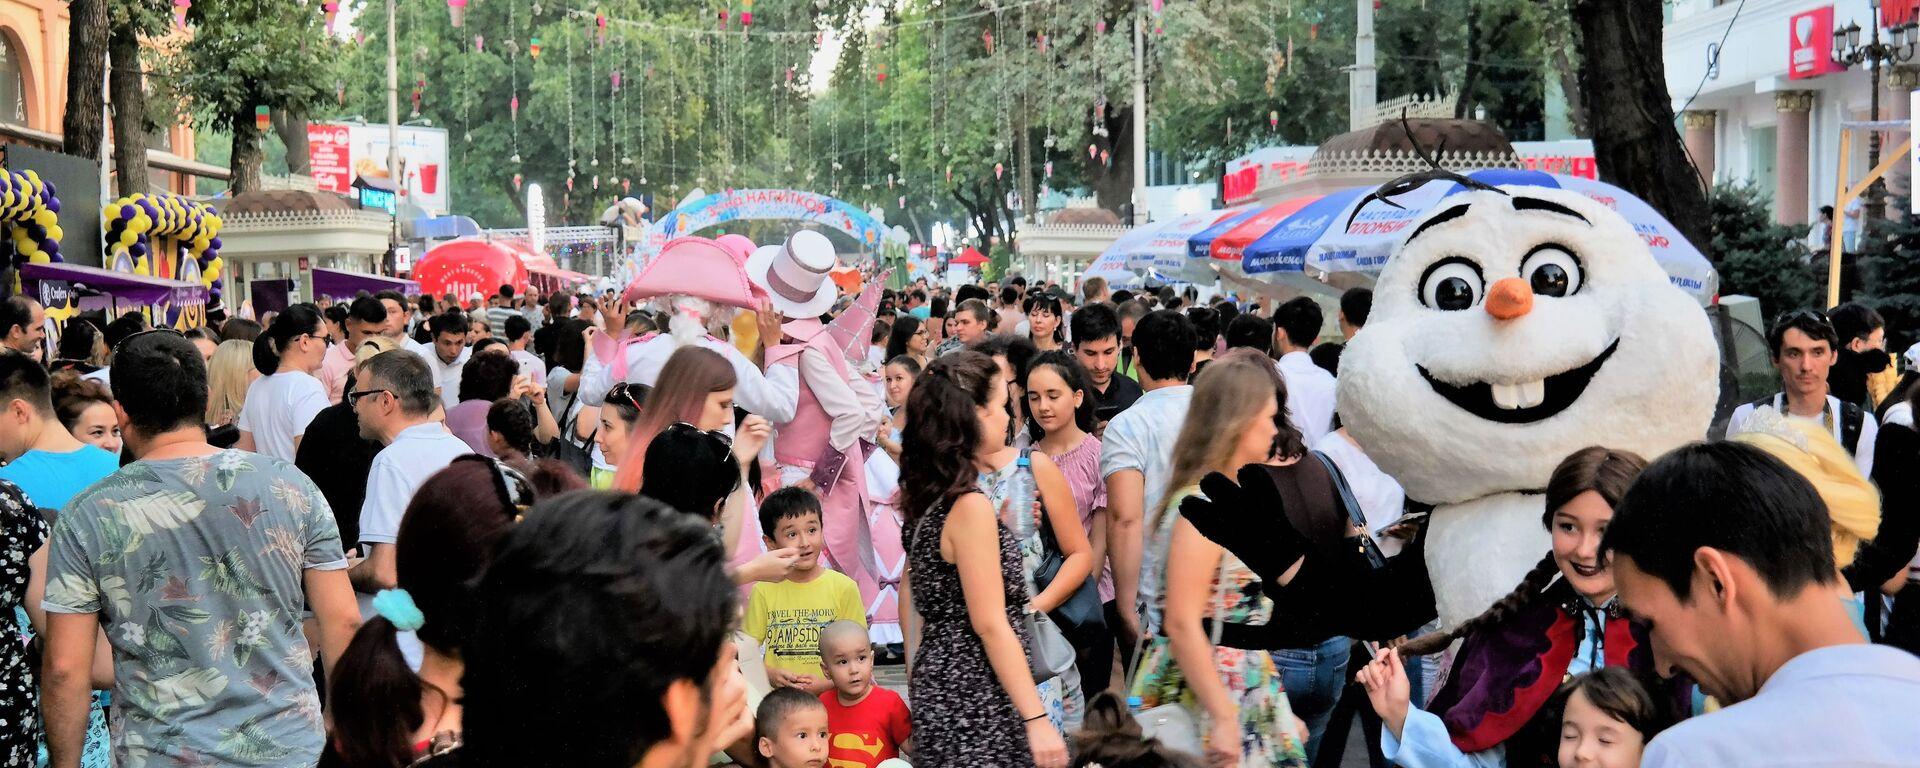 В Ташкенте проходит фестиваль мороженого - Sputnik Узбекистан, 1920, 03.12.2020